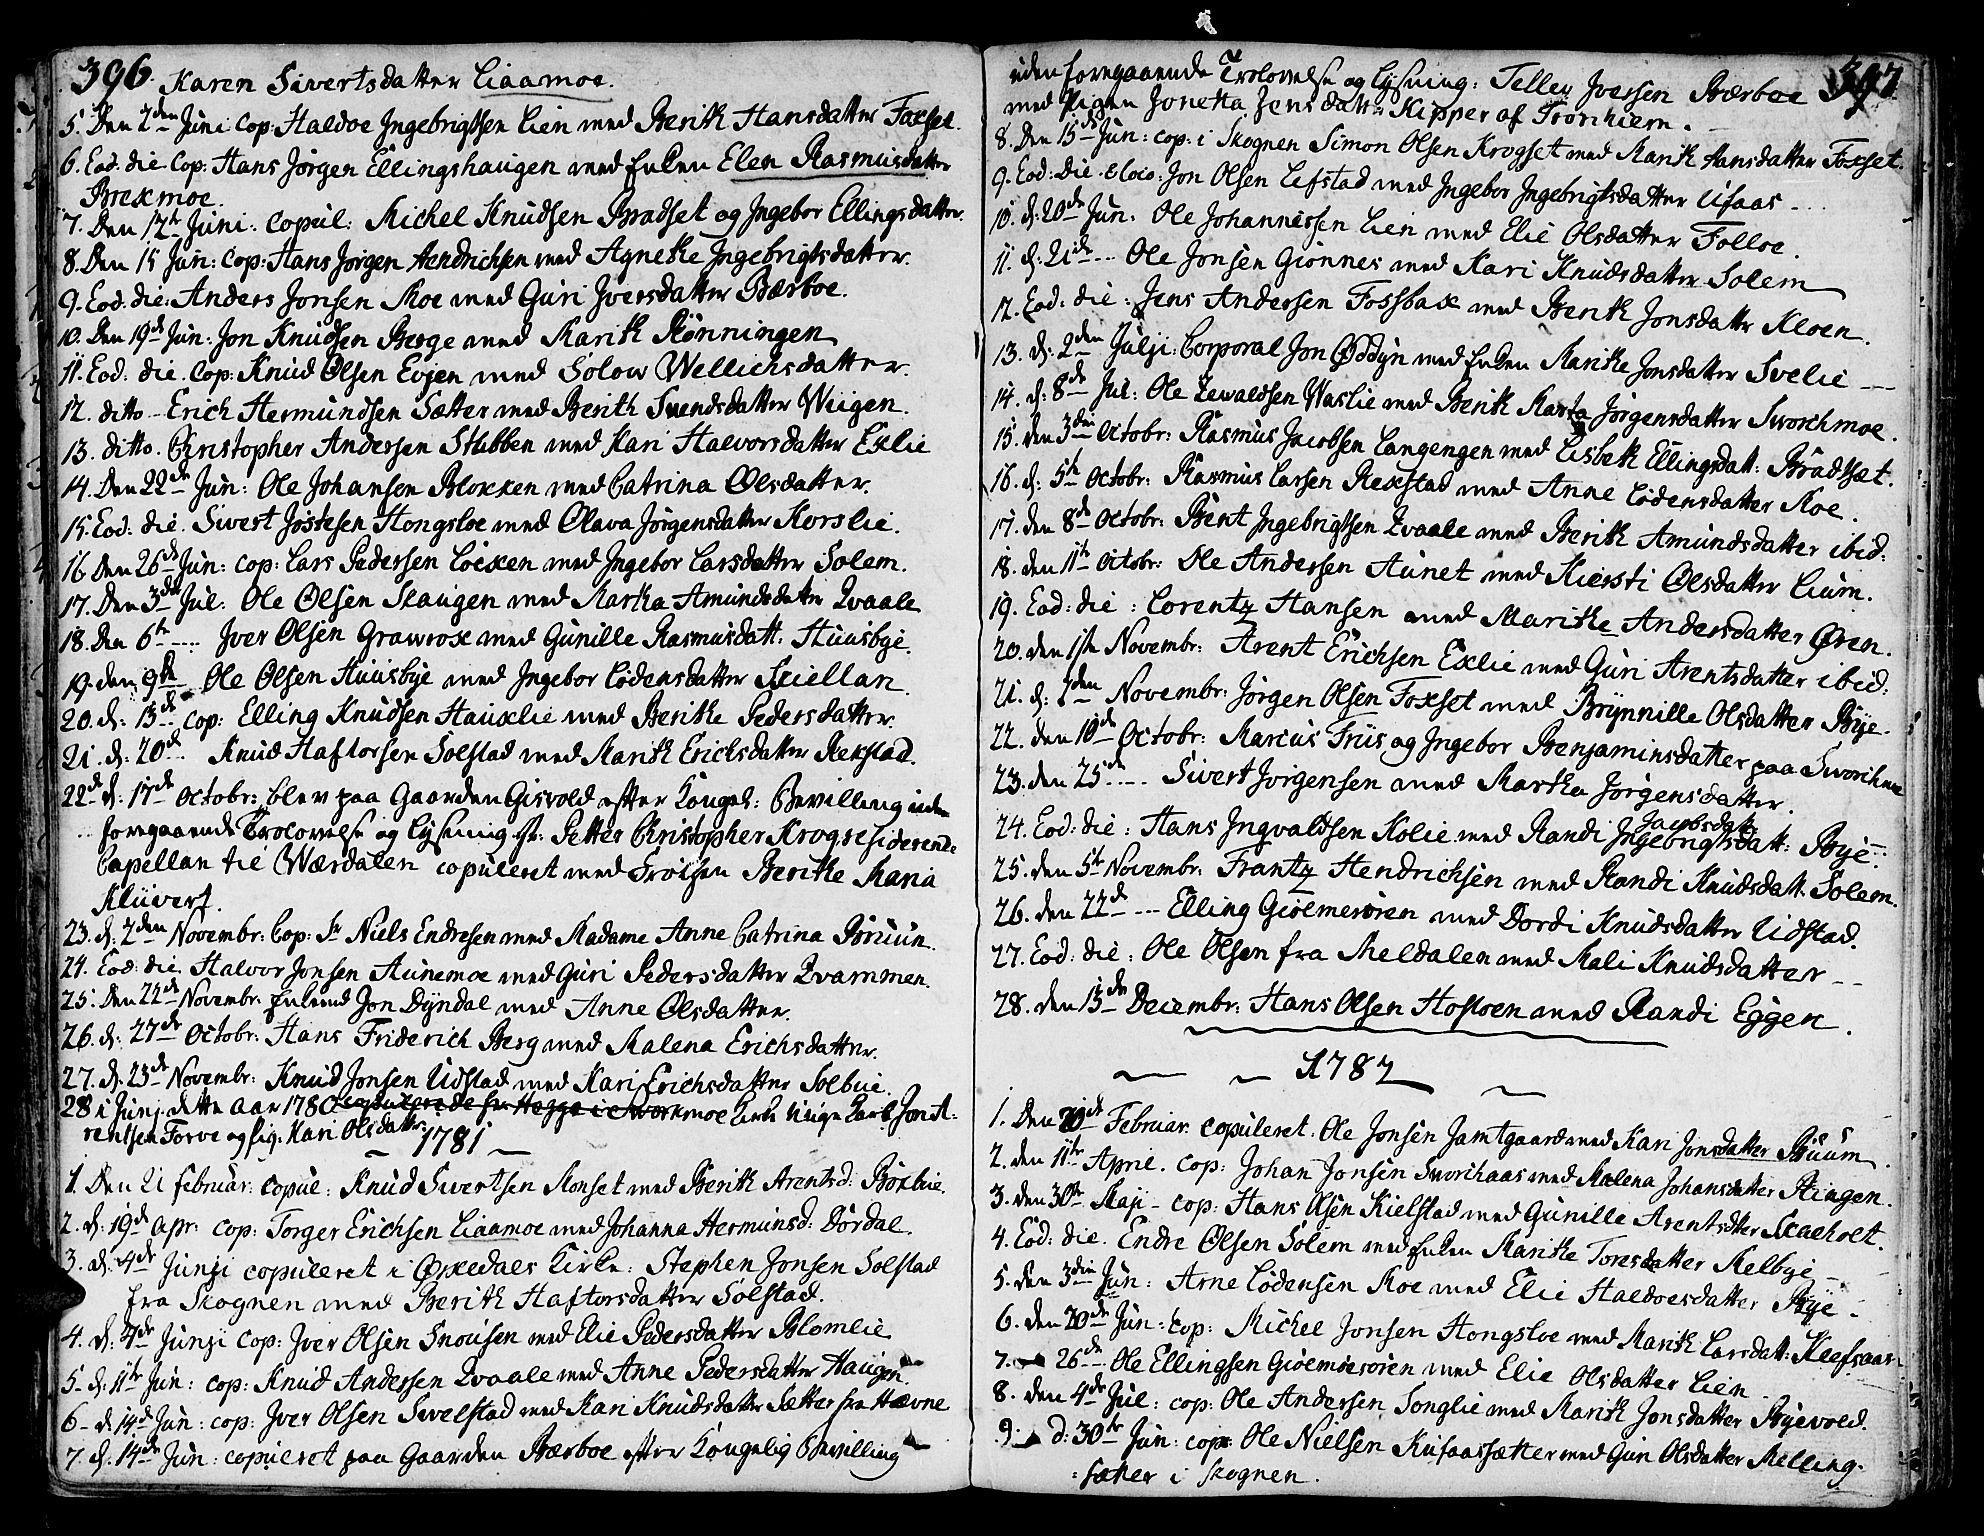 SAT, Ministerialprotokoller, klokkerbøker og fødselsregistre - Sør-Trøndelag, 668/L0802: Ministerialbok nr. 668A02, 1776-1799, s. 396-397